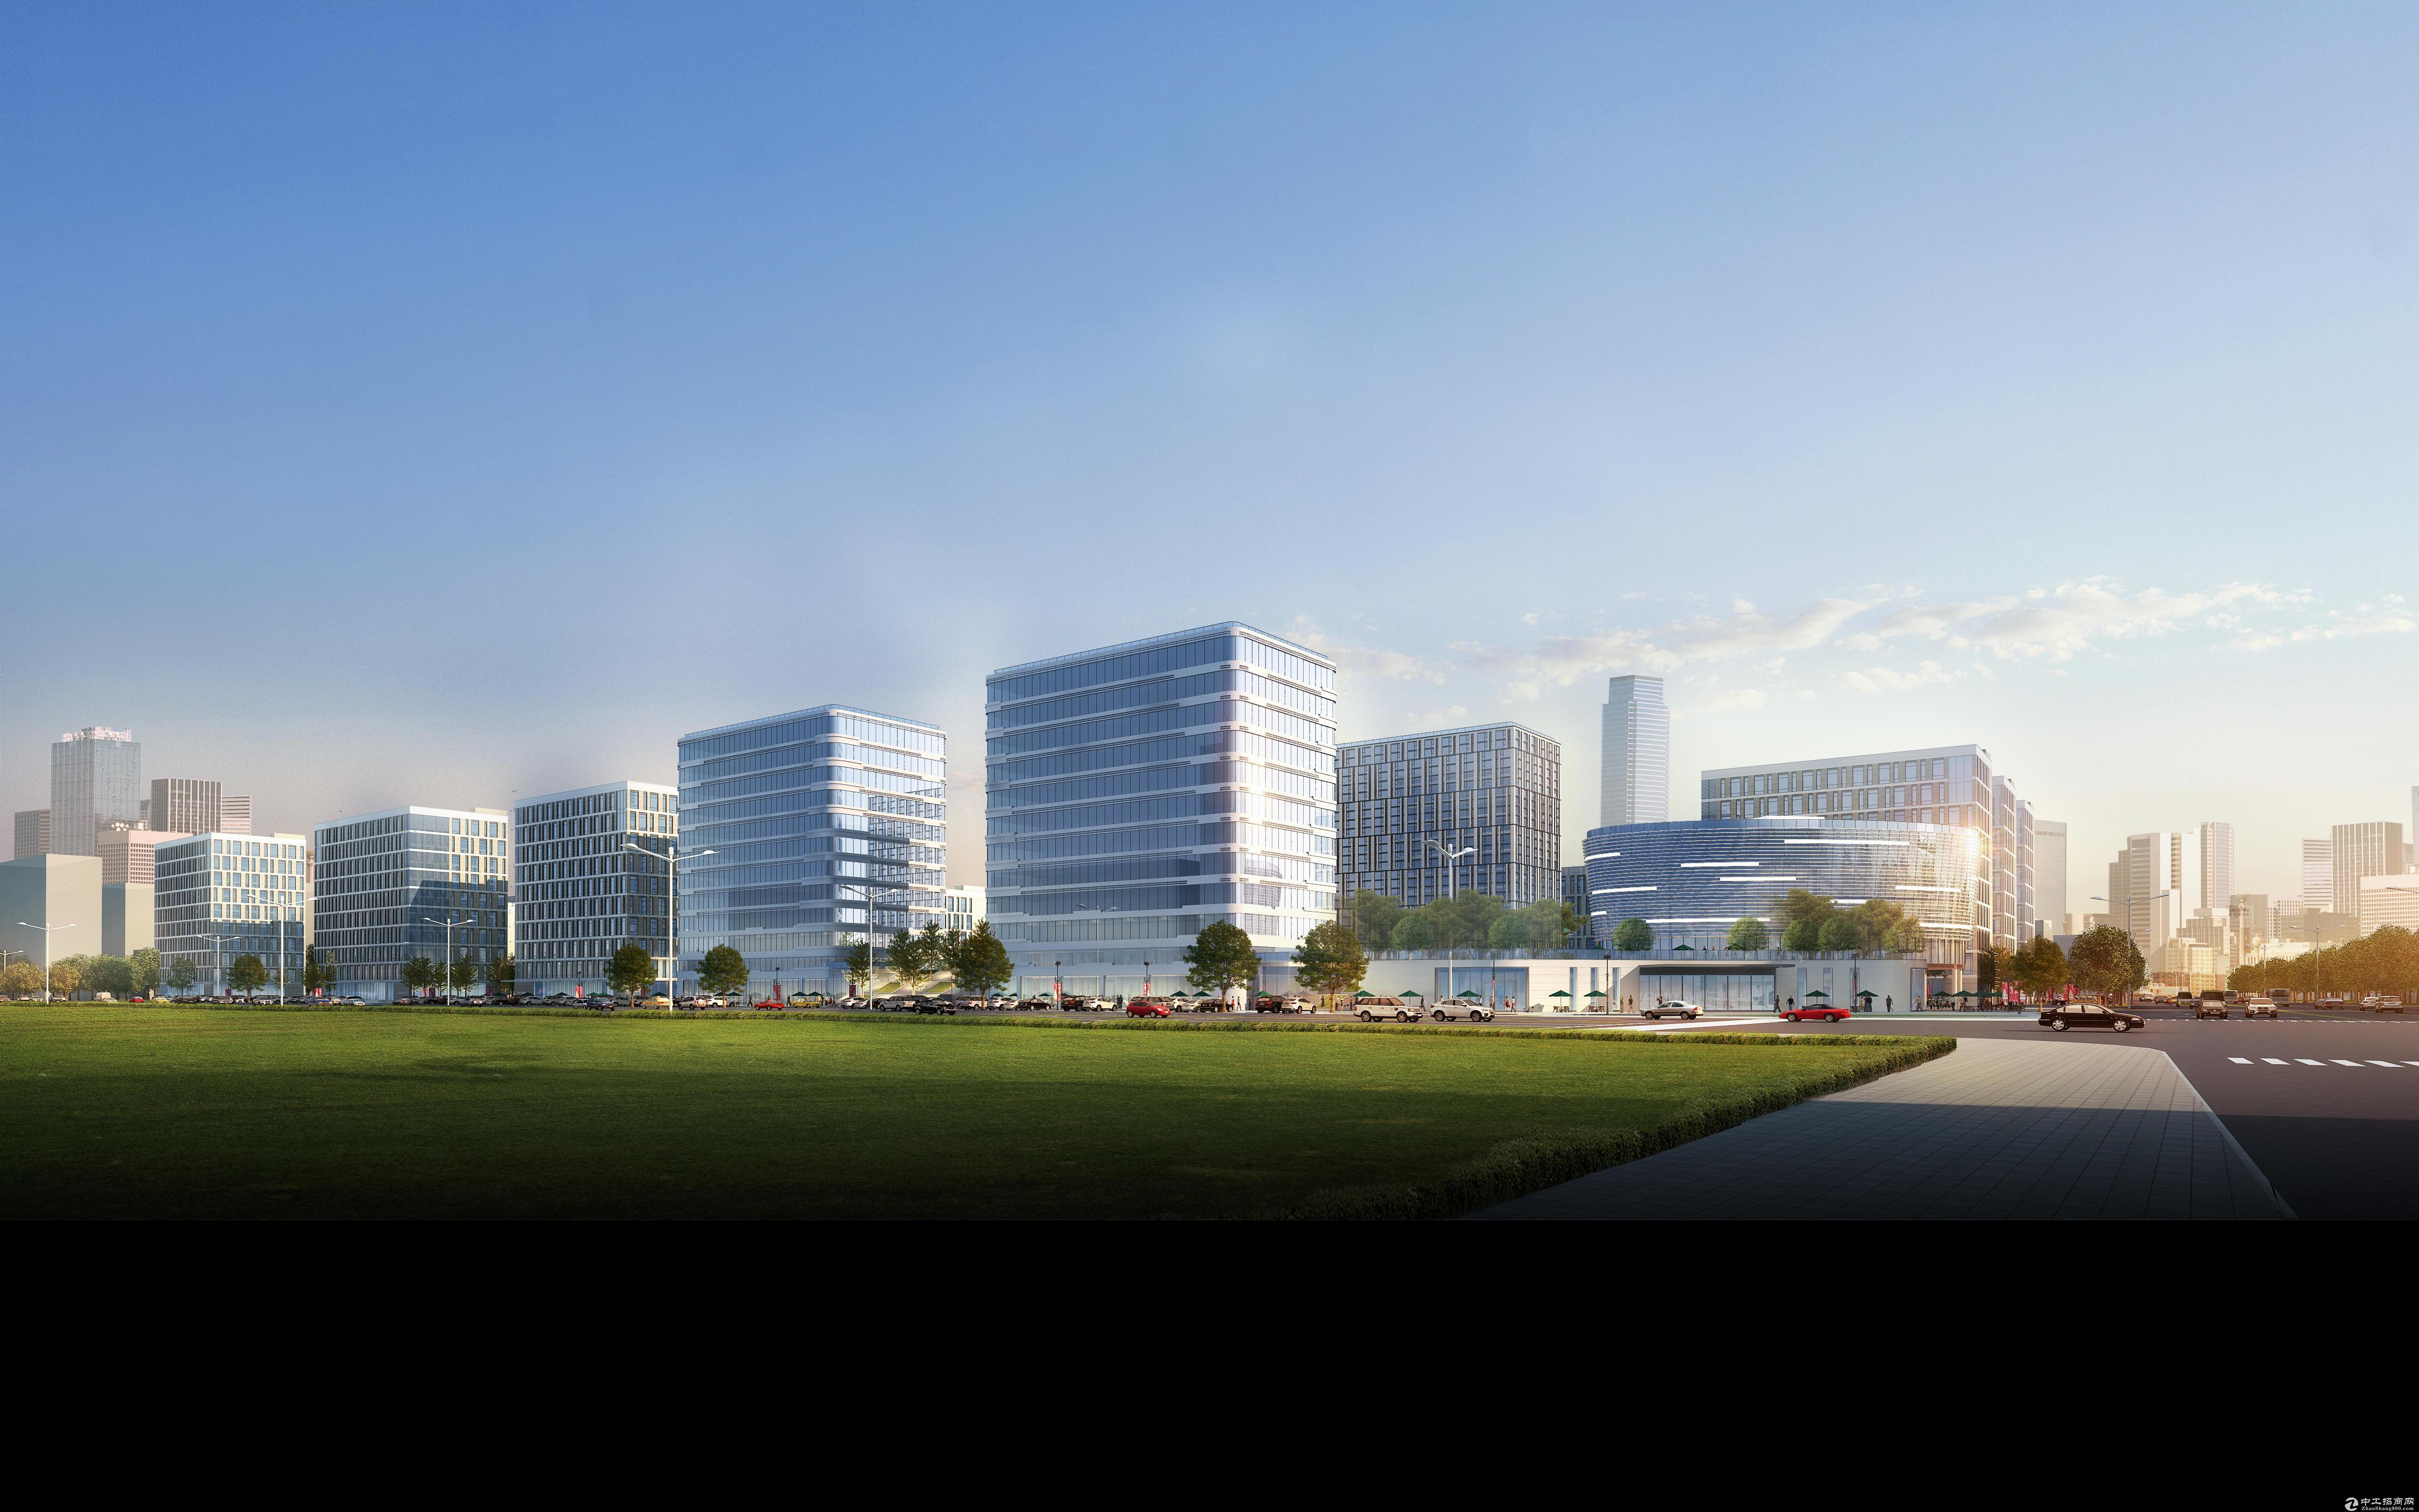 杭州医疗港小镇 厂房招租 全新厂房 价格合适 配套齐全-图2